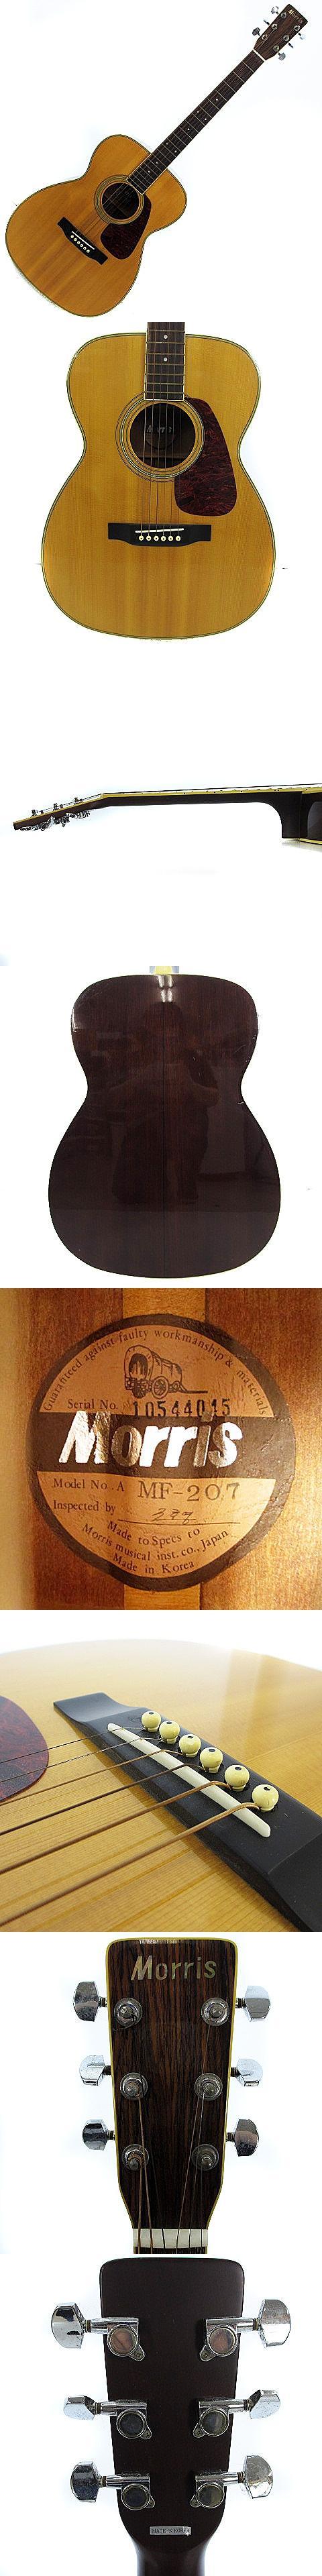 モーリス Morris アコースティック ギター アコギ 本体 MF-207 ブラウン 茶 ソフトケース付 同梱不可 ■